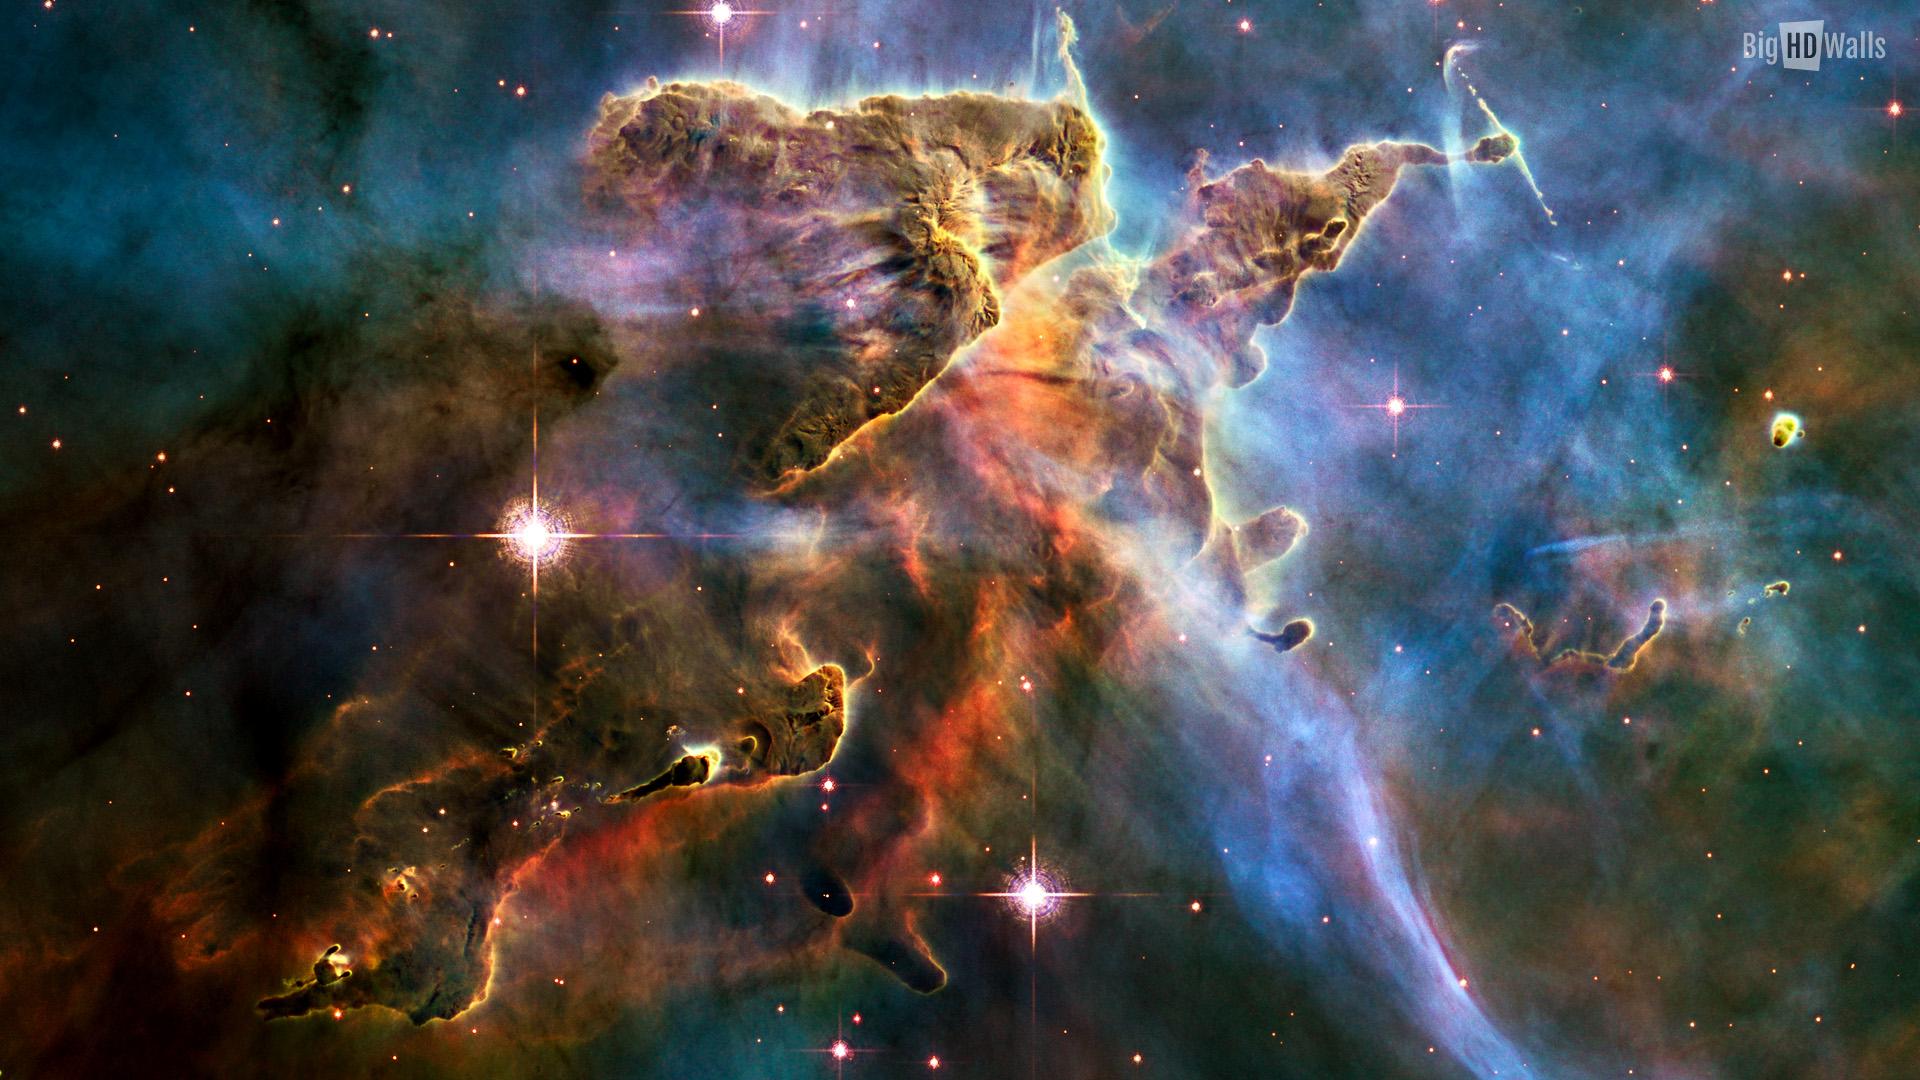 Carina Nebula hd wallpaper009 1920x1080